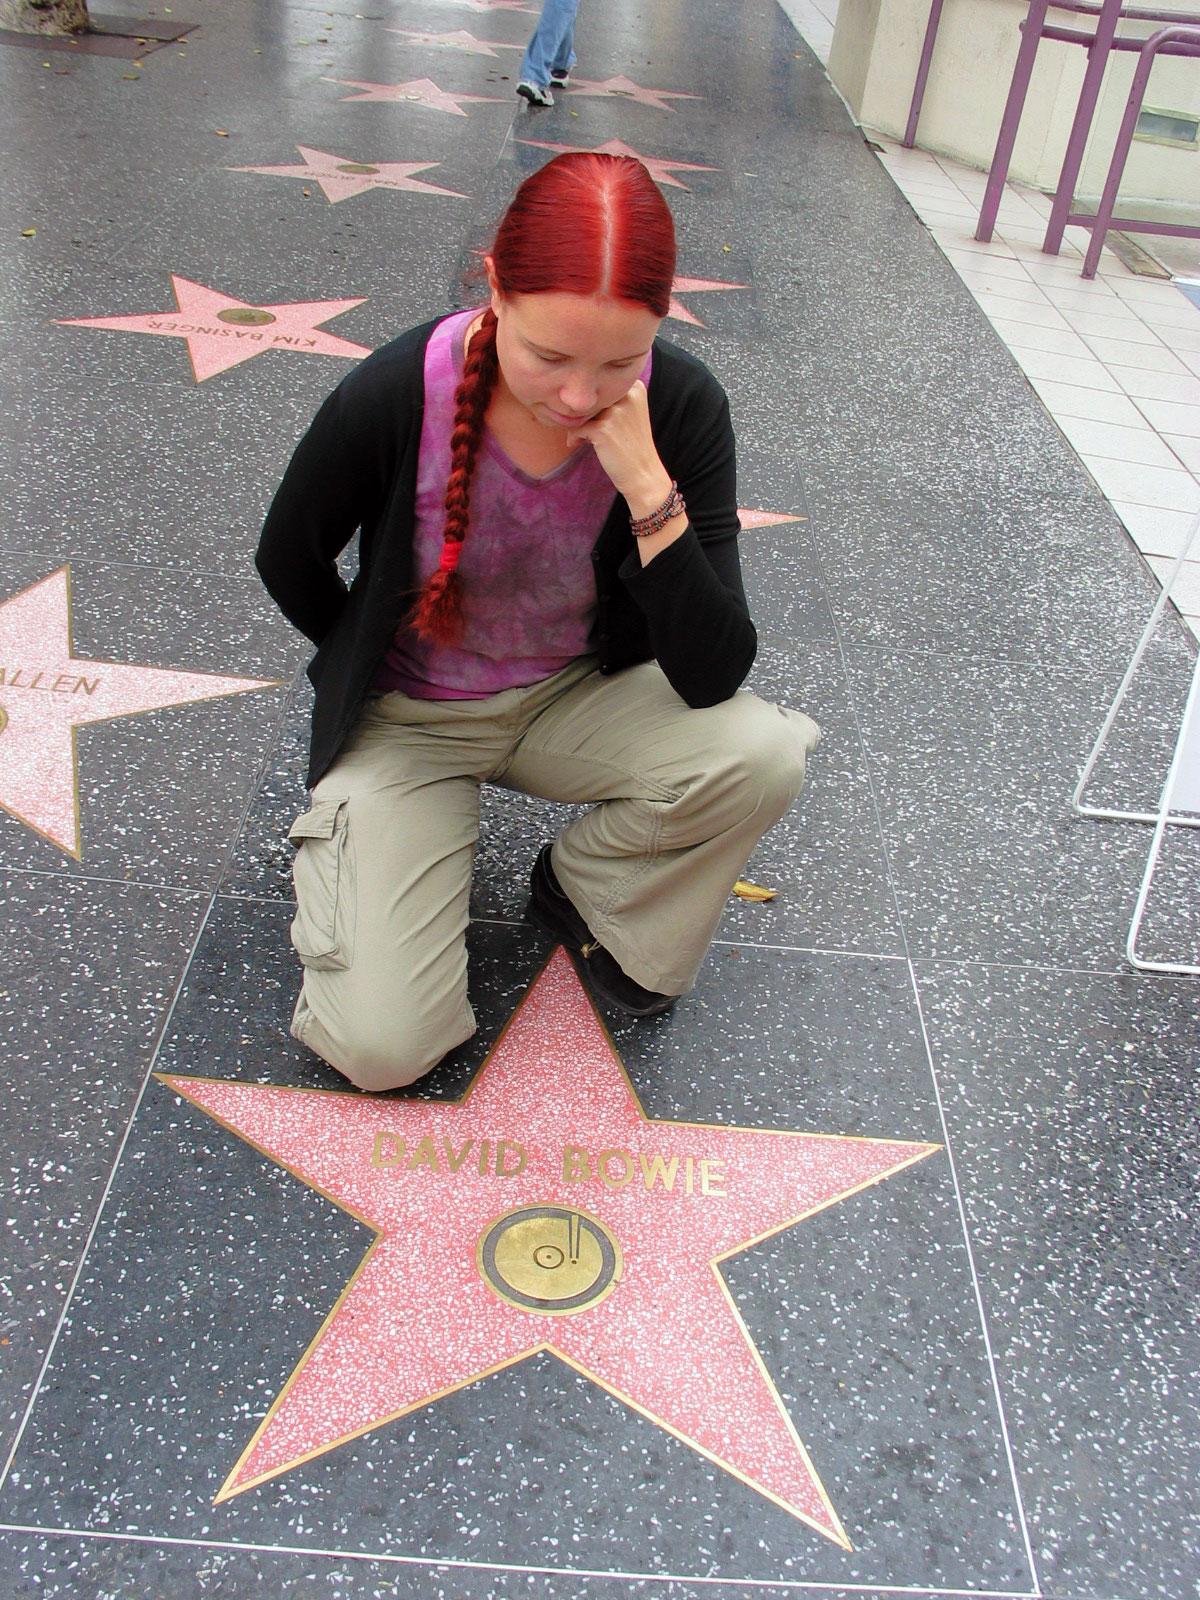 Starman, David Bowien tähti Hollywoodissa. Kuva: Miika Mattila